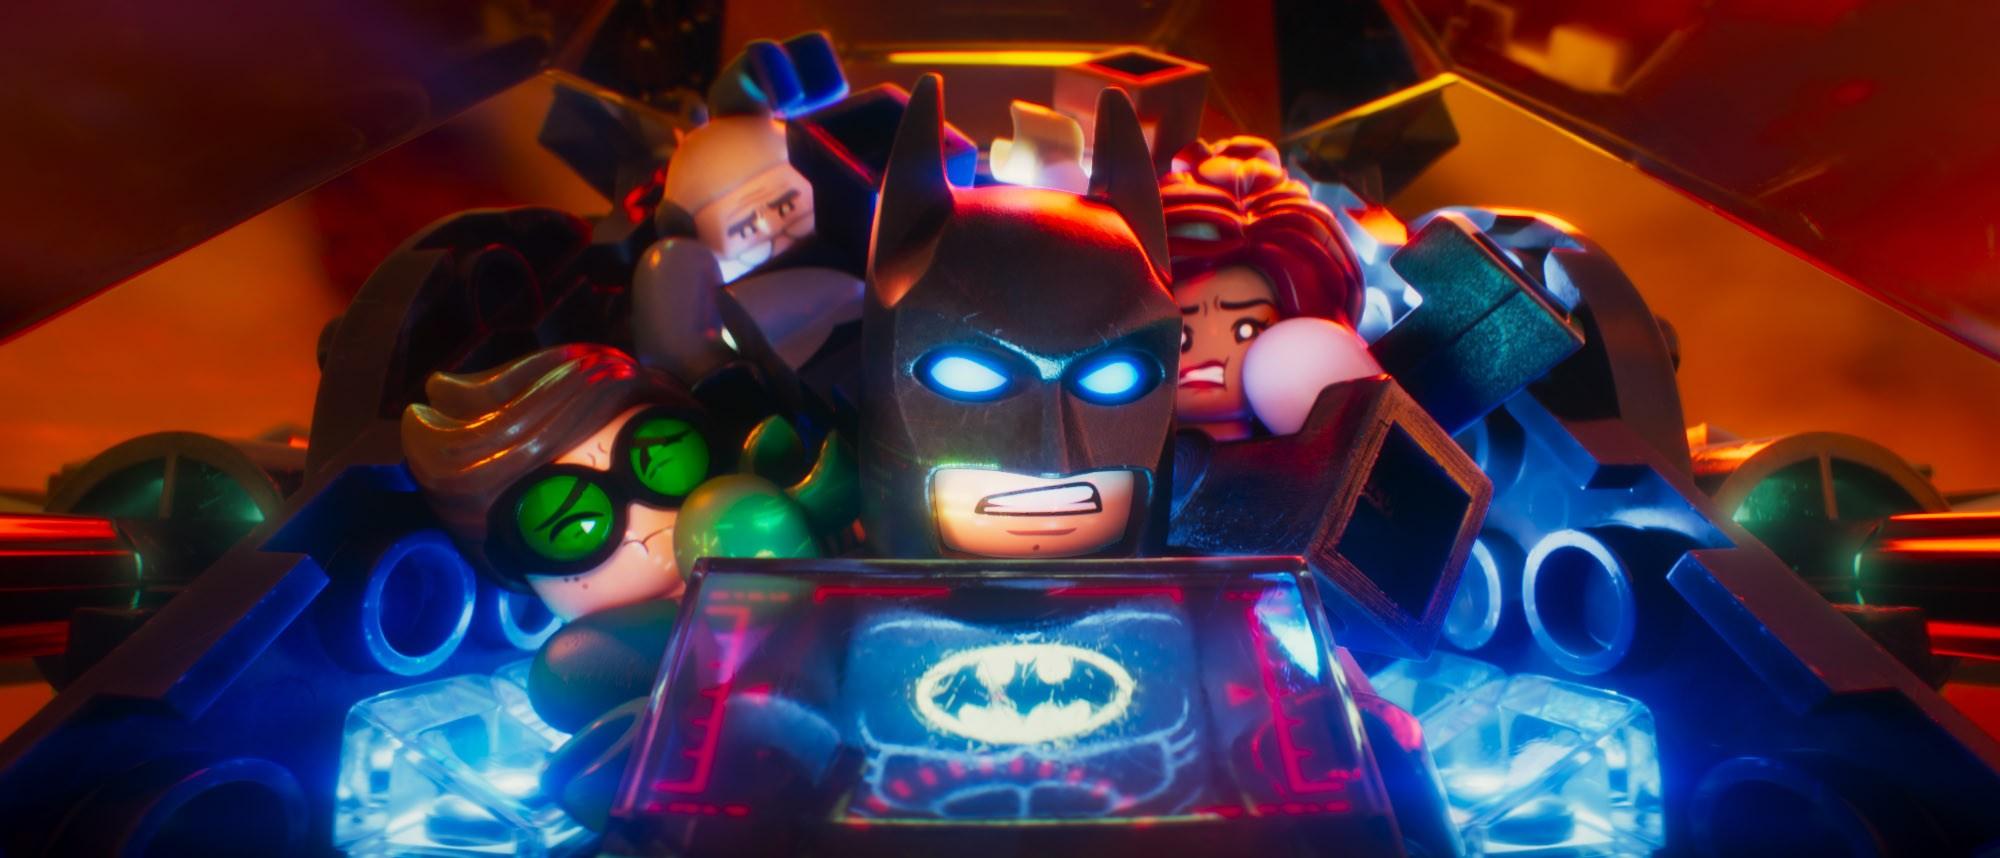 Lego Batman Filmi İncelemesi: Kara Şövalyeden Bu Yana En İyi Batman Filmi 7